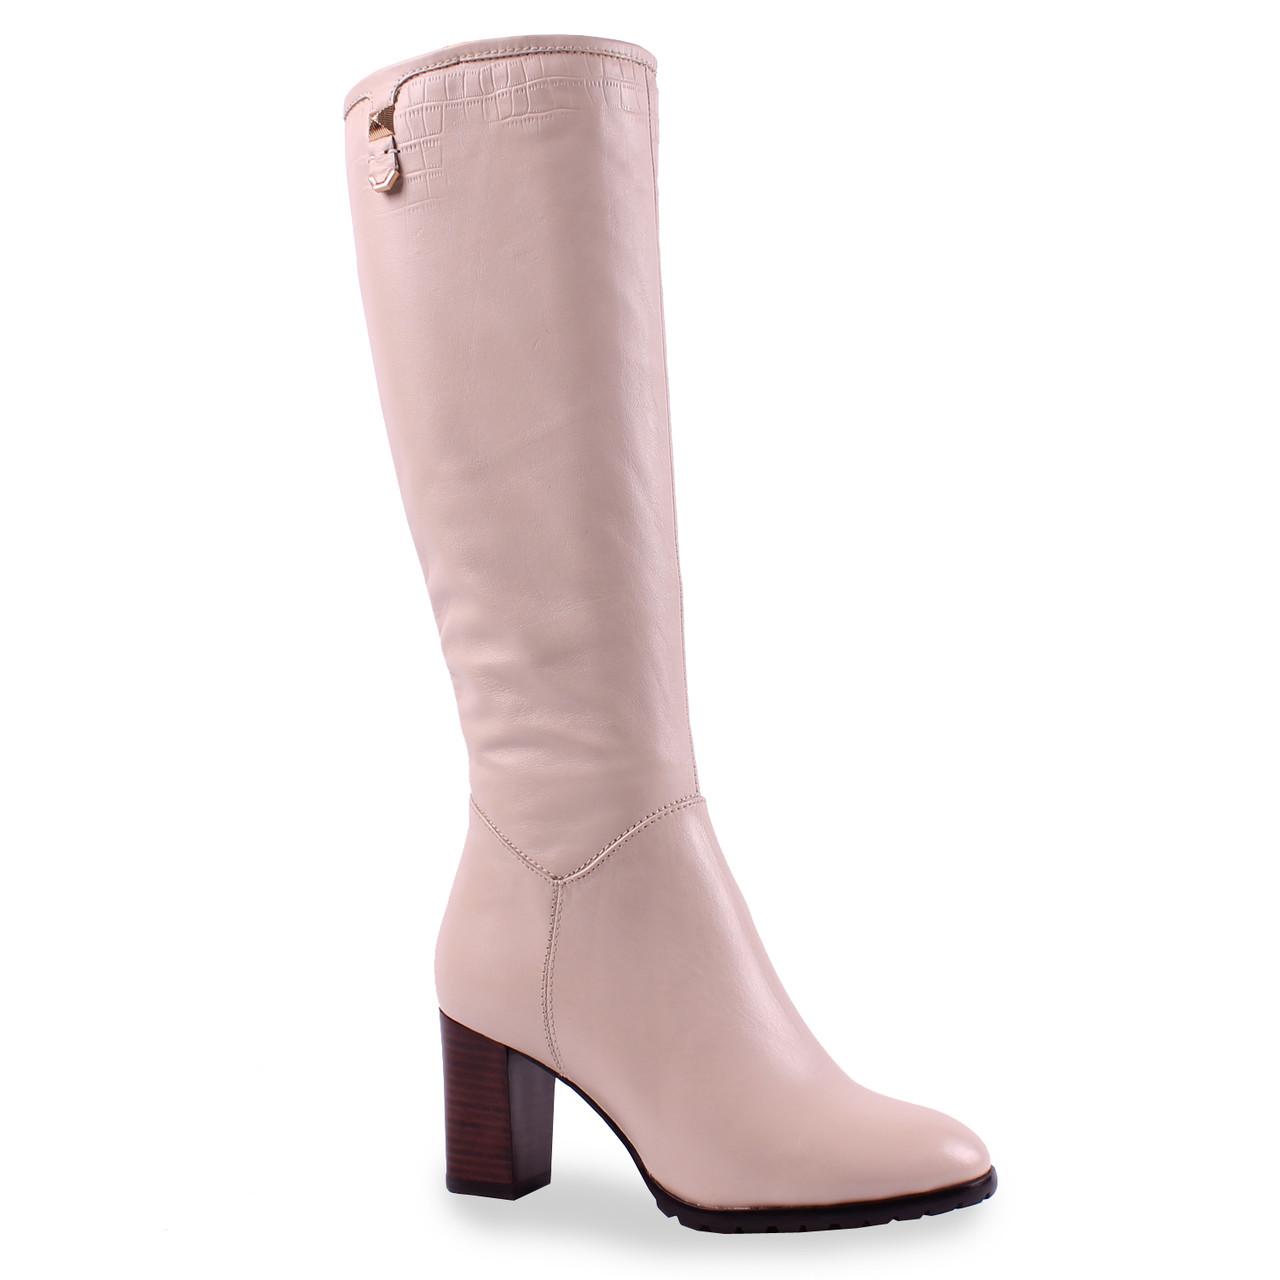 Стильные женские сапоги Dina Fabiani (зимние, на удобном каблуке, светлая кожа, на замке, теплые, красивые)